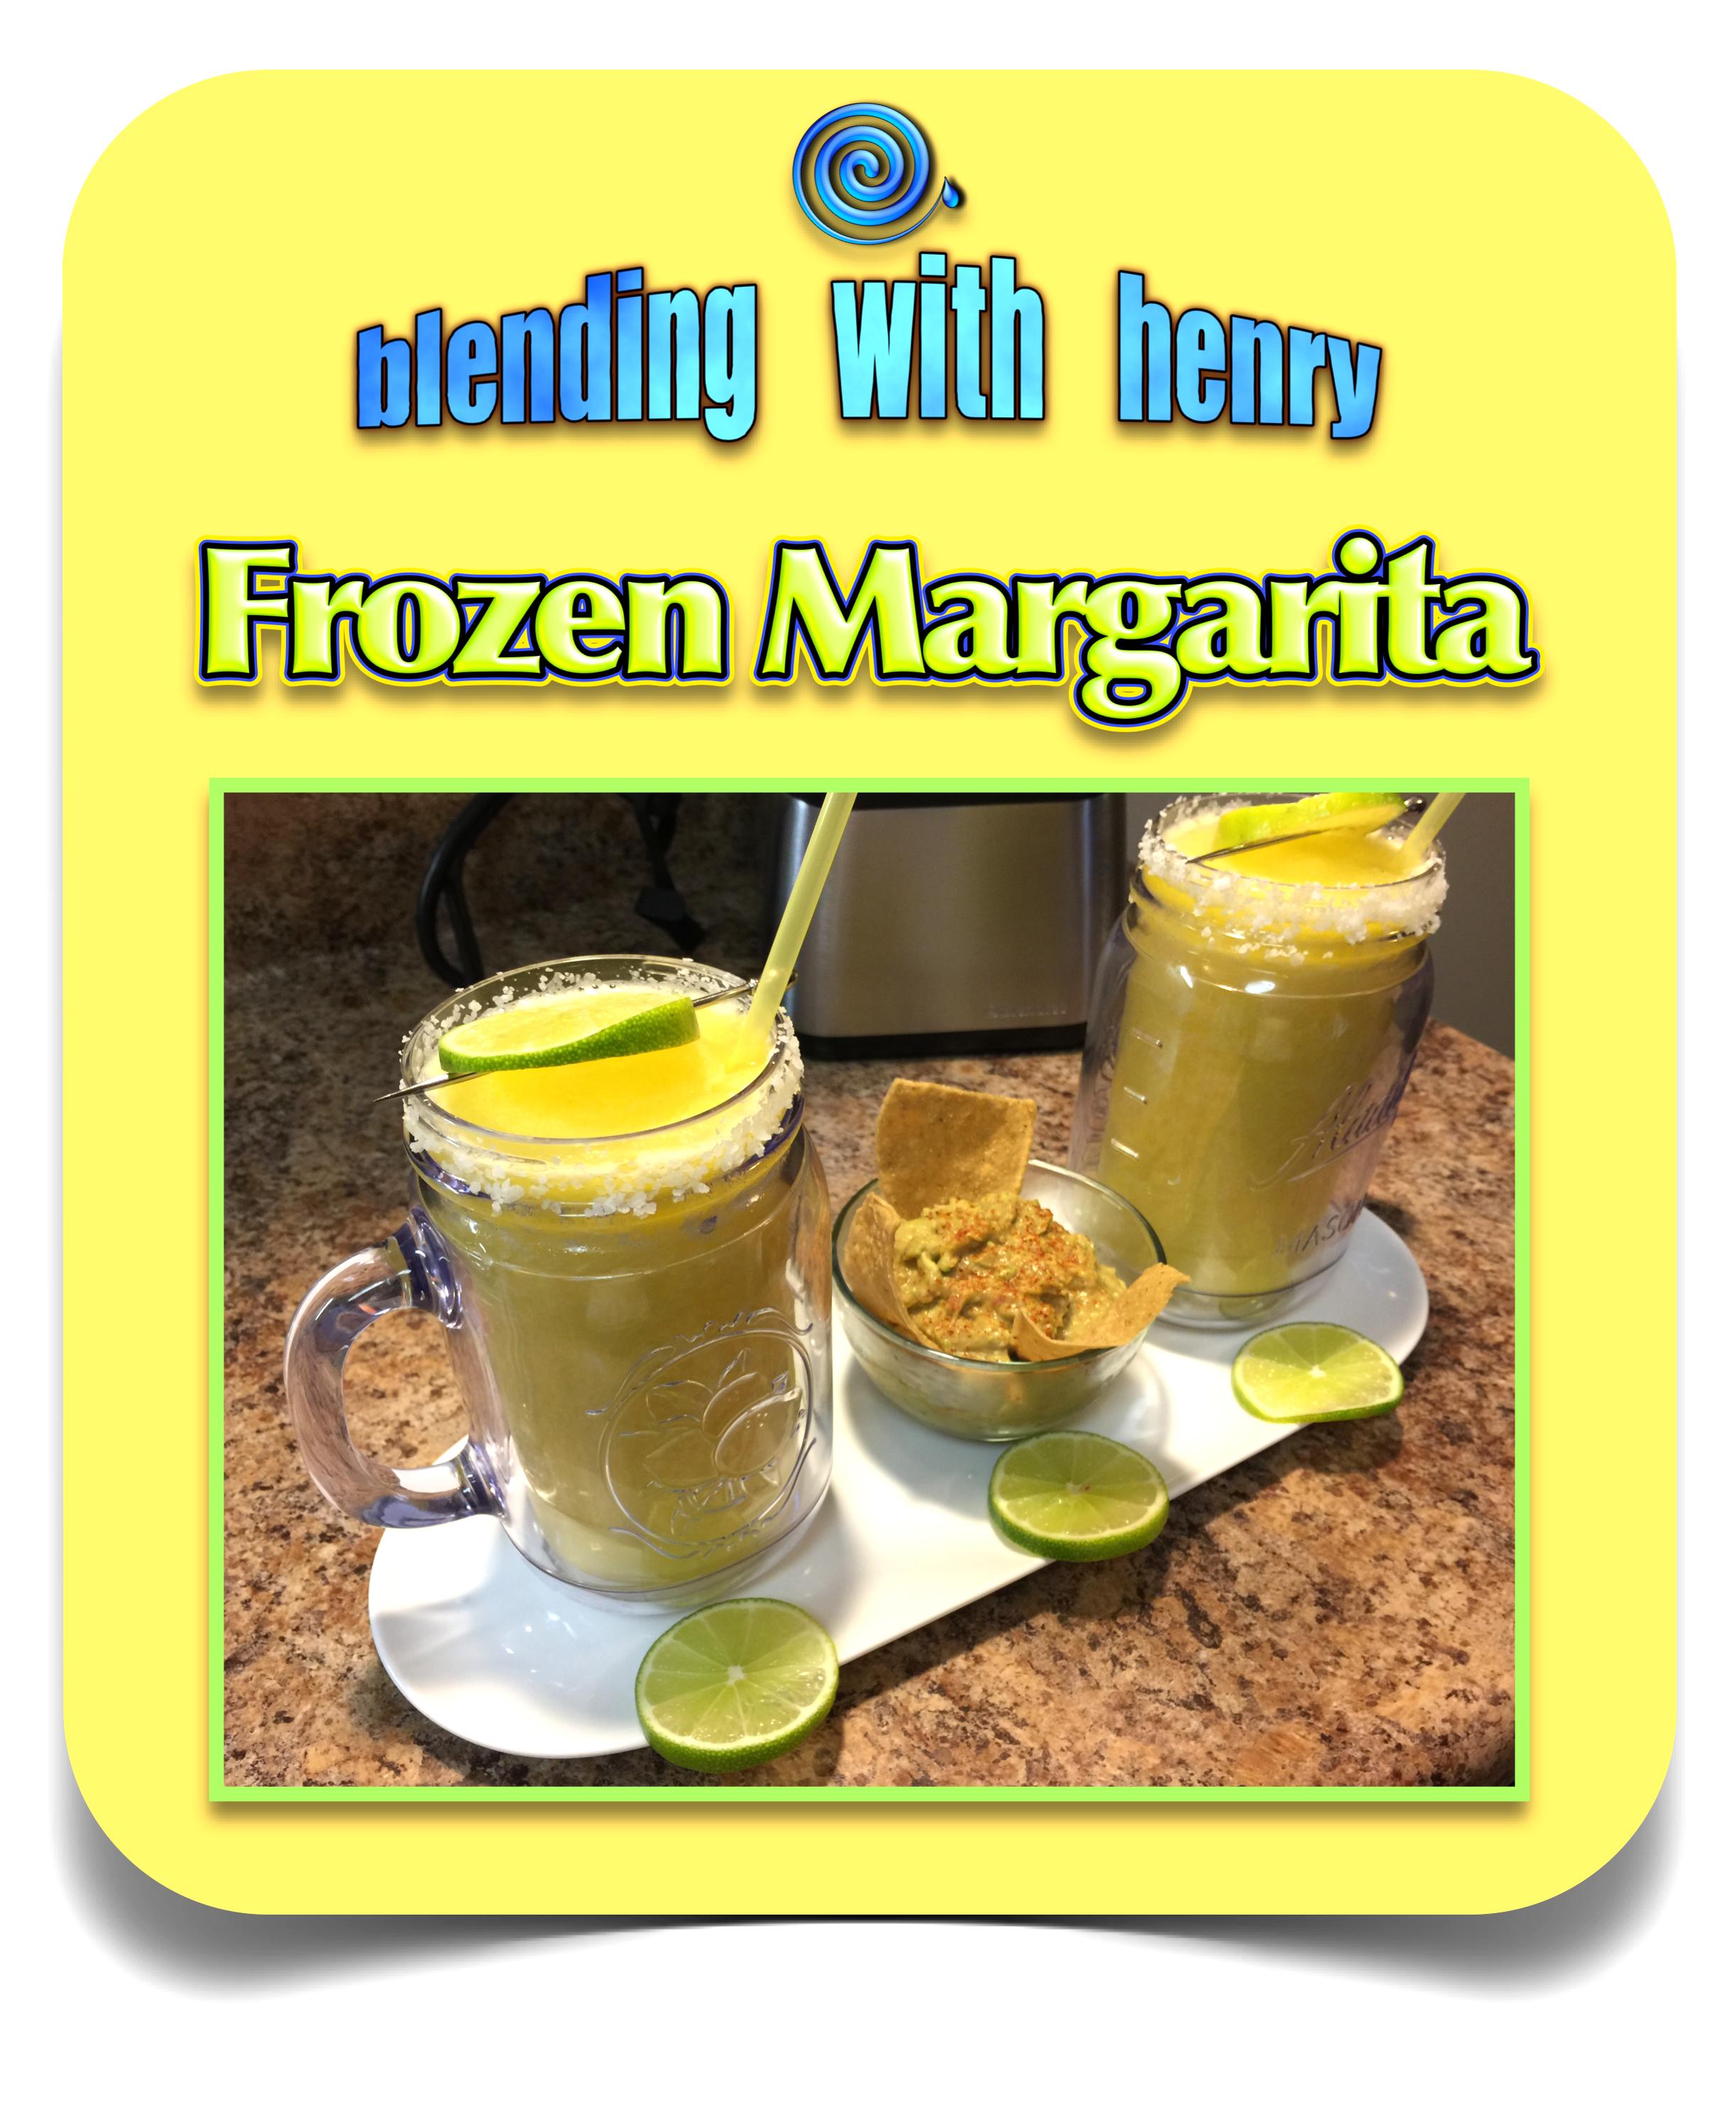 Frozen Margarita.png